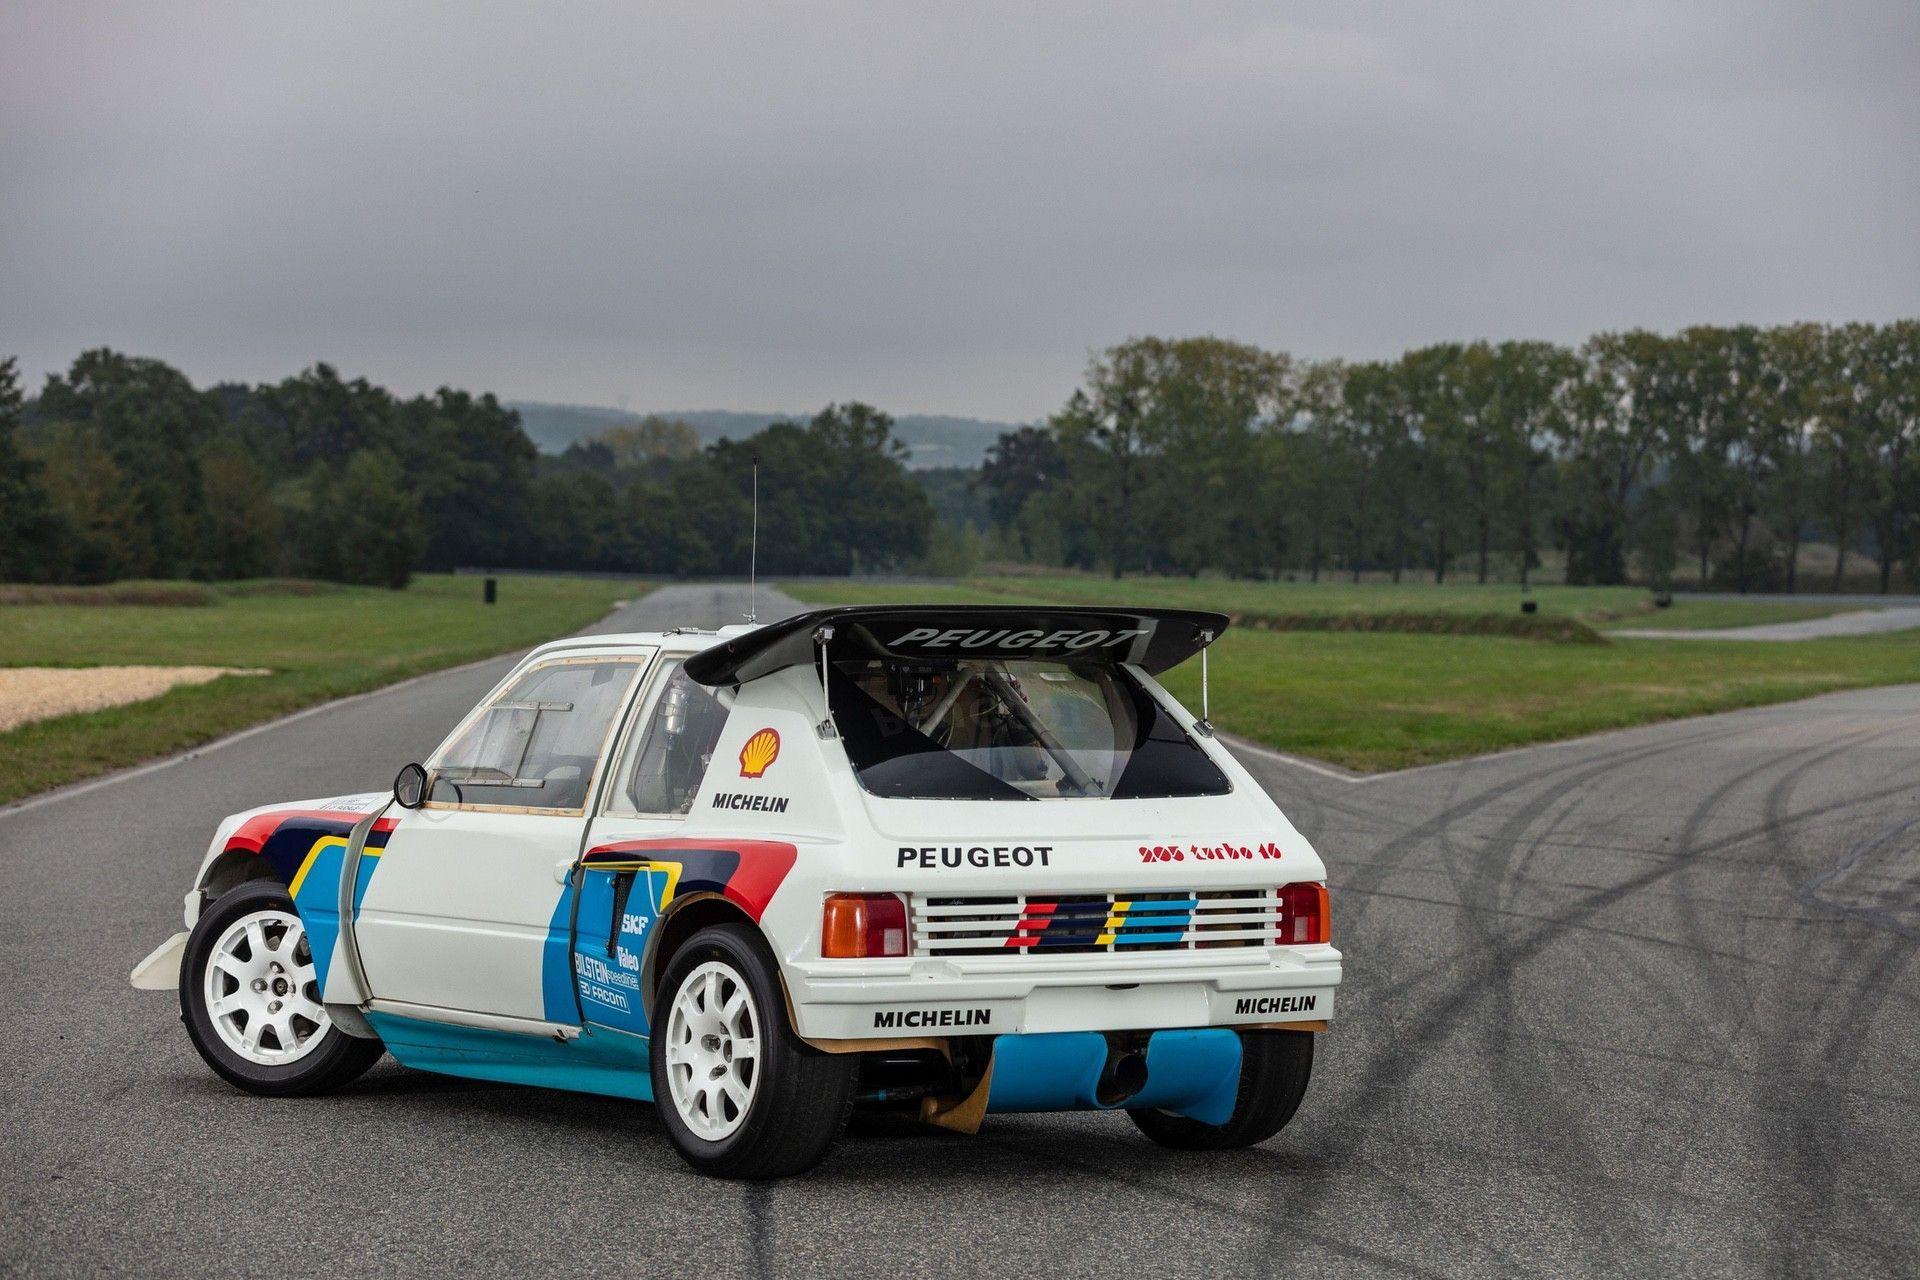 1985_Peugeot_205_Turbo_16_Evolution_2_sale-0052